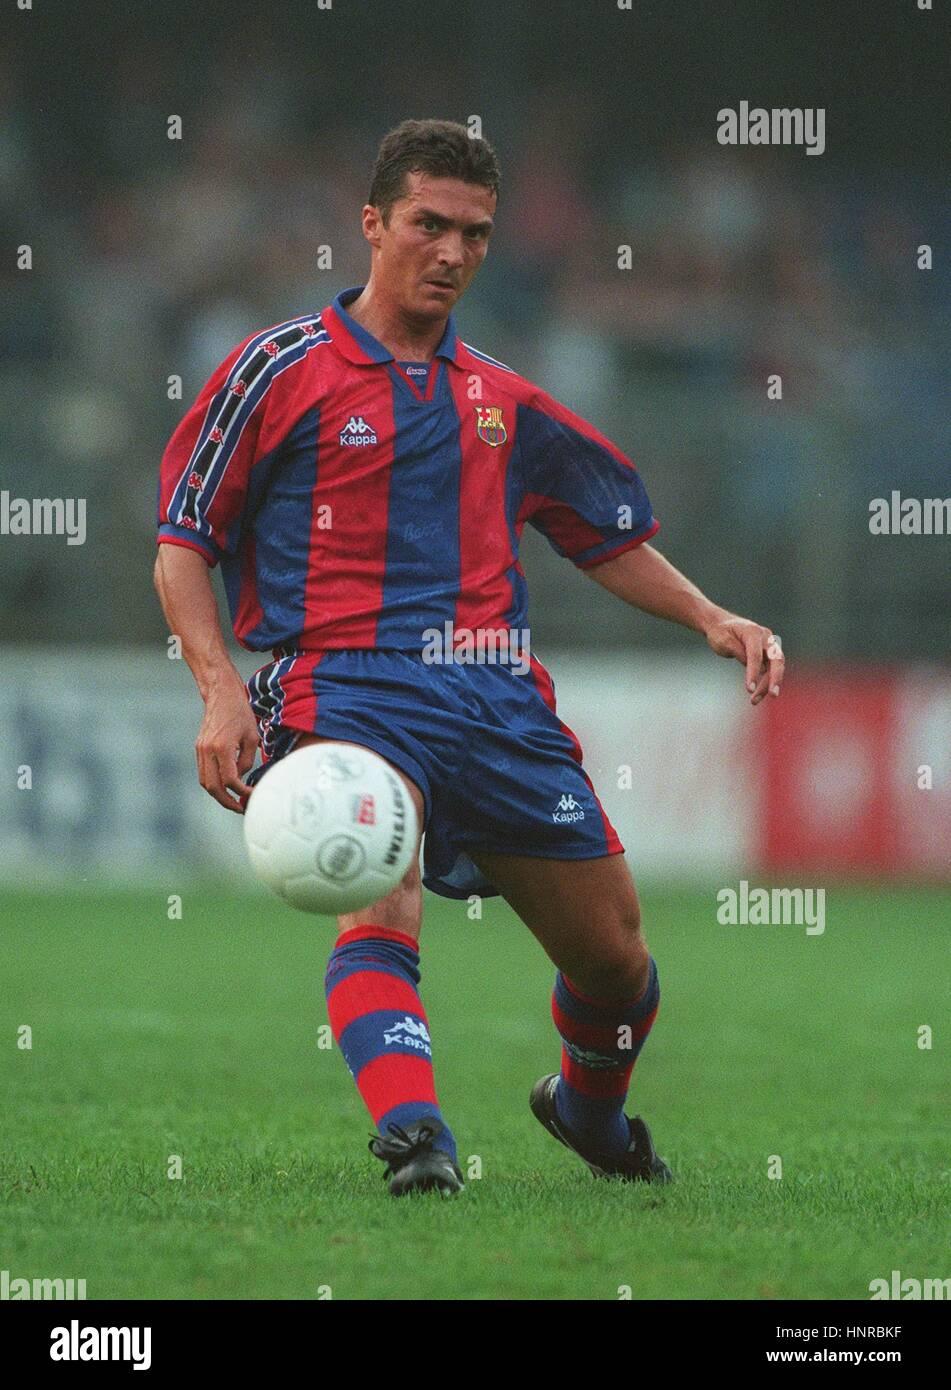 FC BARCELONA GUILLERMO AMOR 06 de agosto de 1996 Imagen De Stock